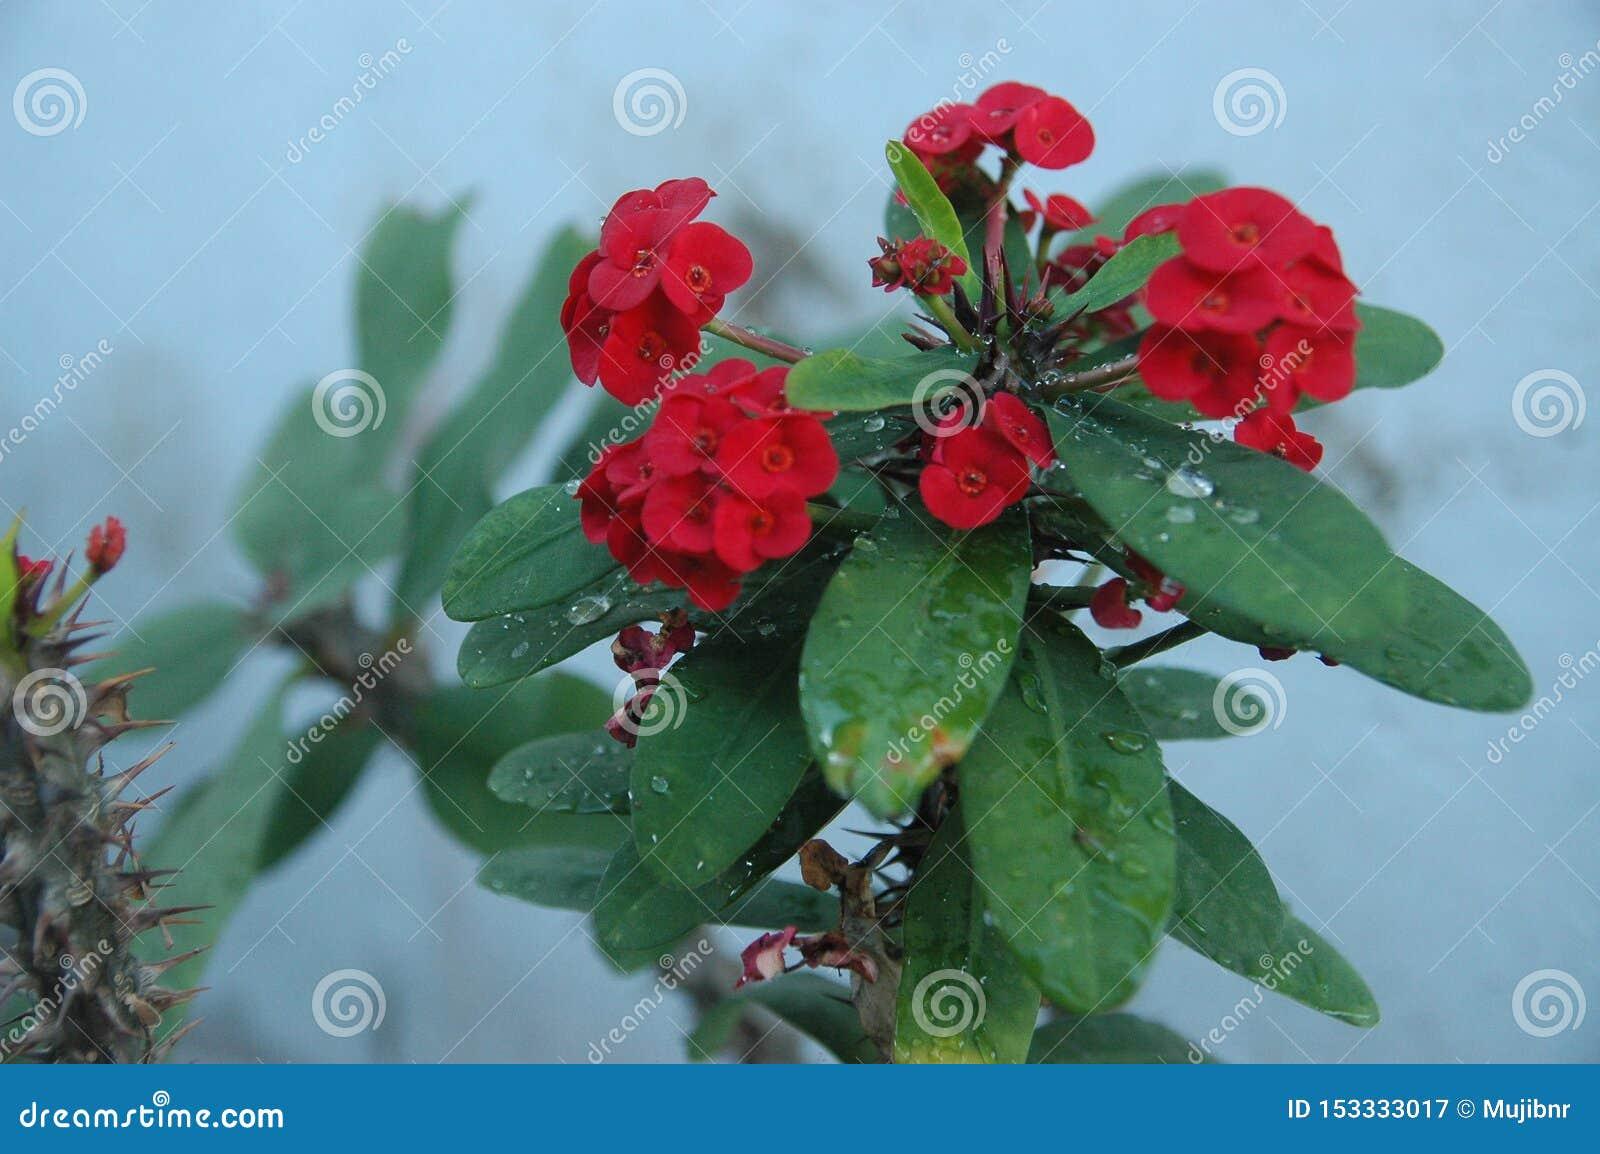 Sluit Rode rozen, omhoog rode bloemen en groen bladideaal voor achtergrond